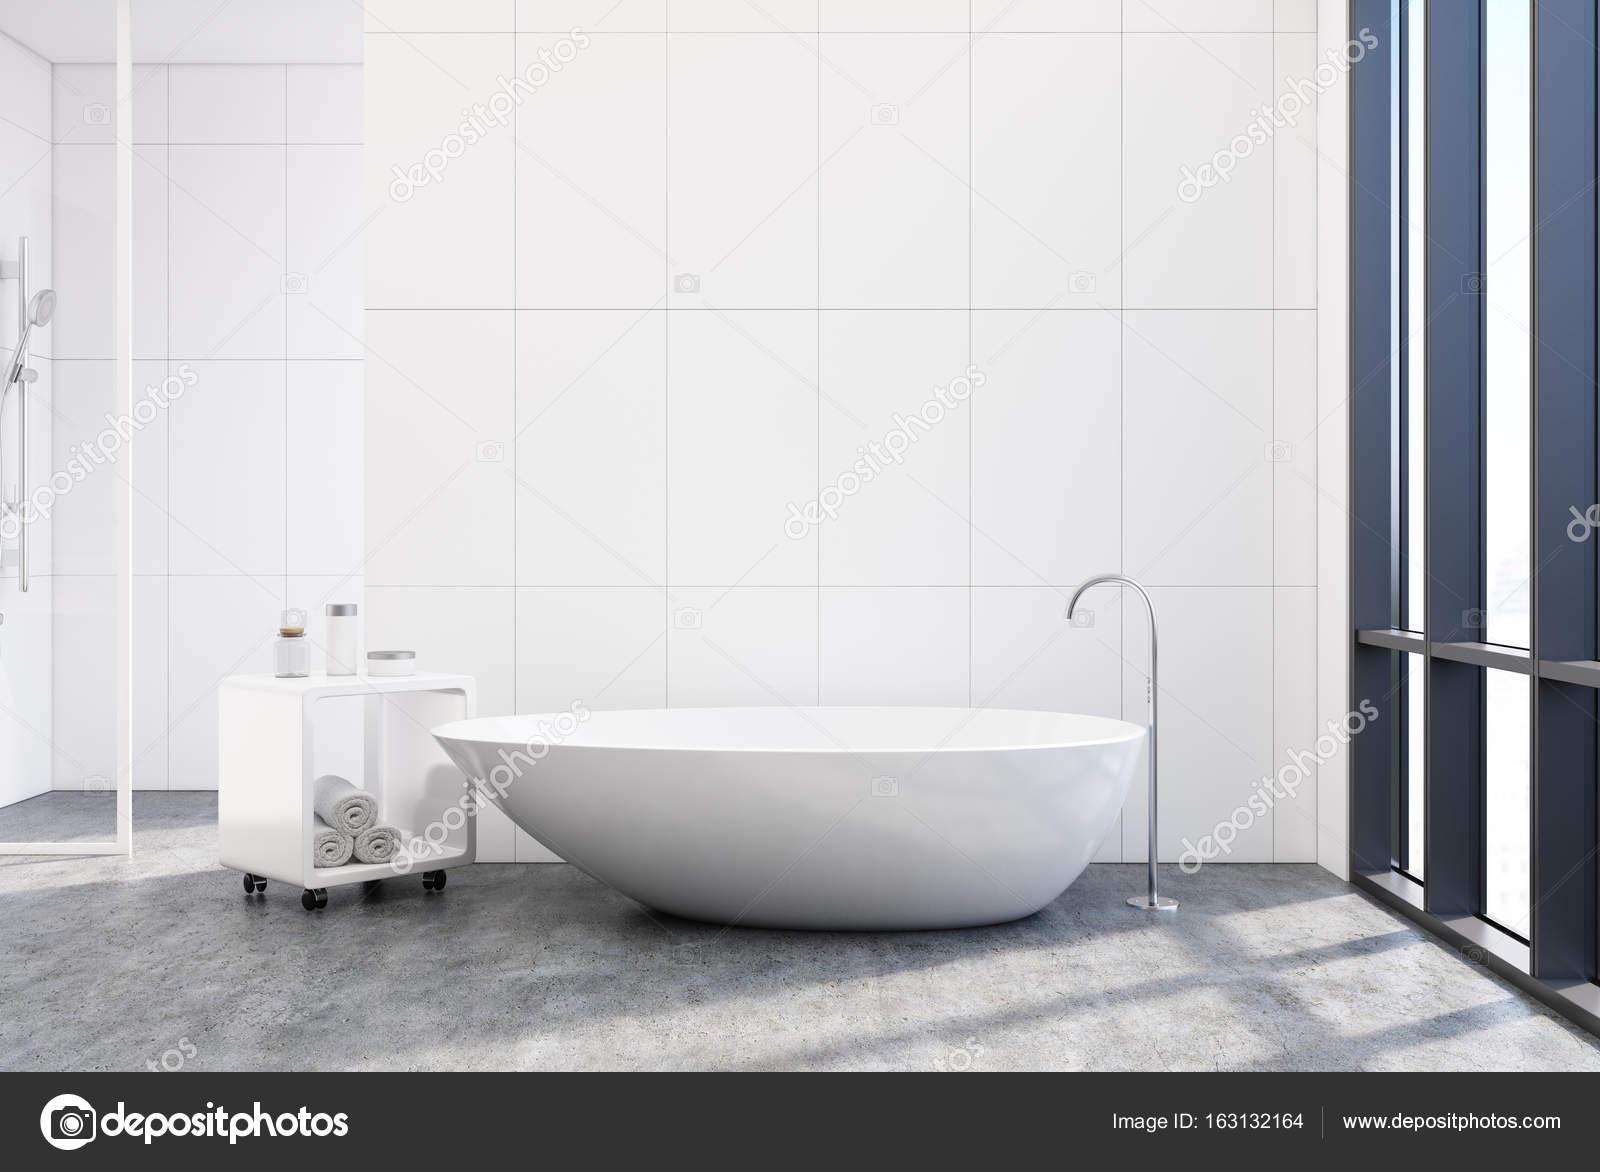 Bagno rivestito di piastrelle vasca unica poster foto stock denisismagilov 163132164 - Stock piastrelle bagno ...